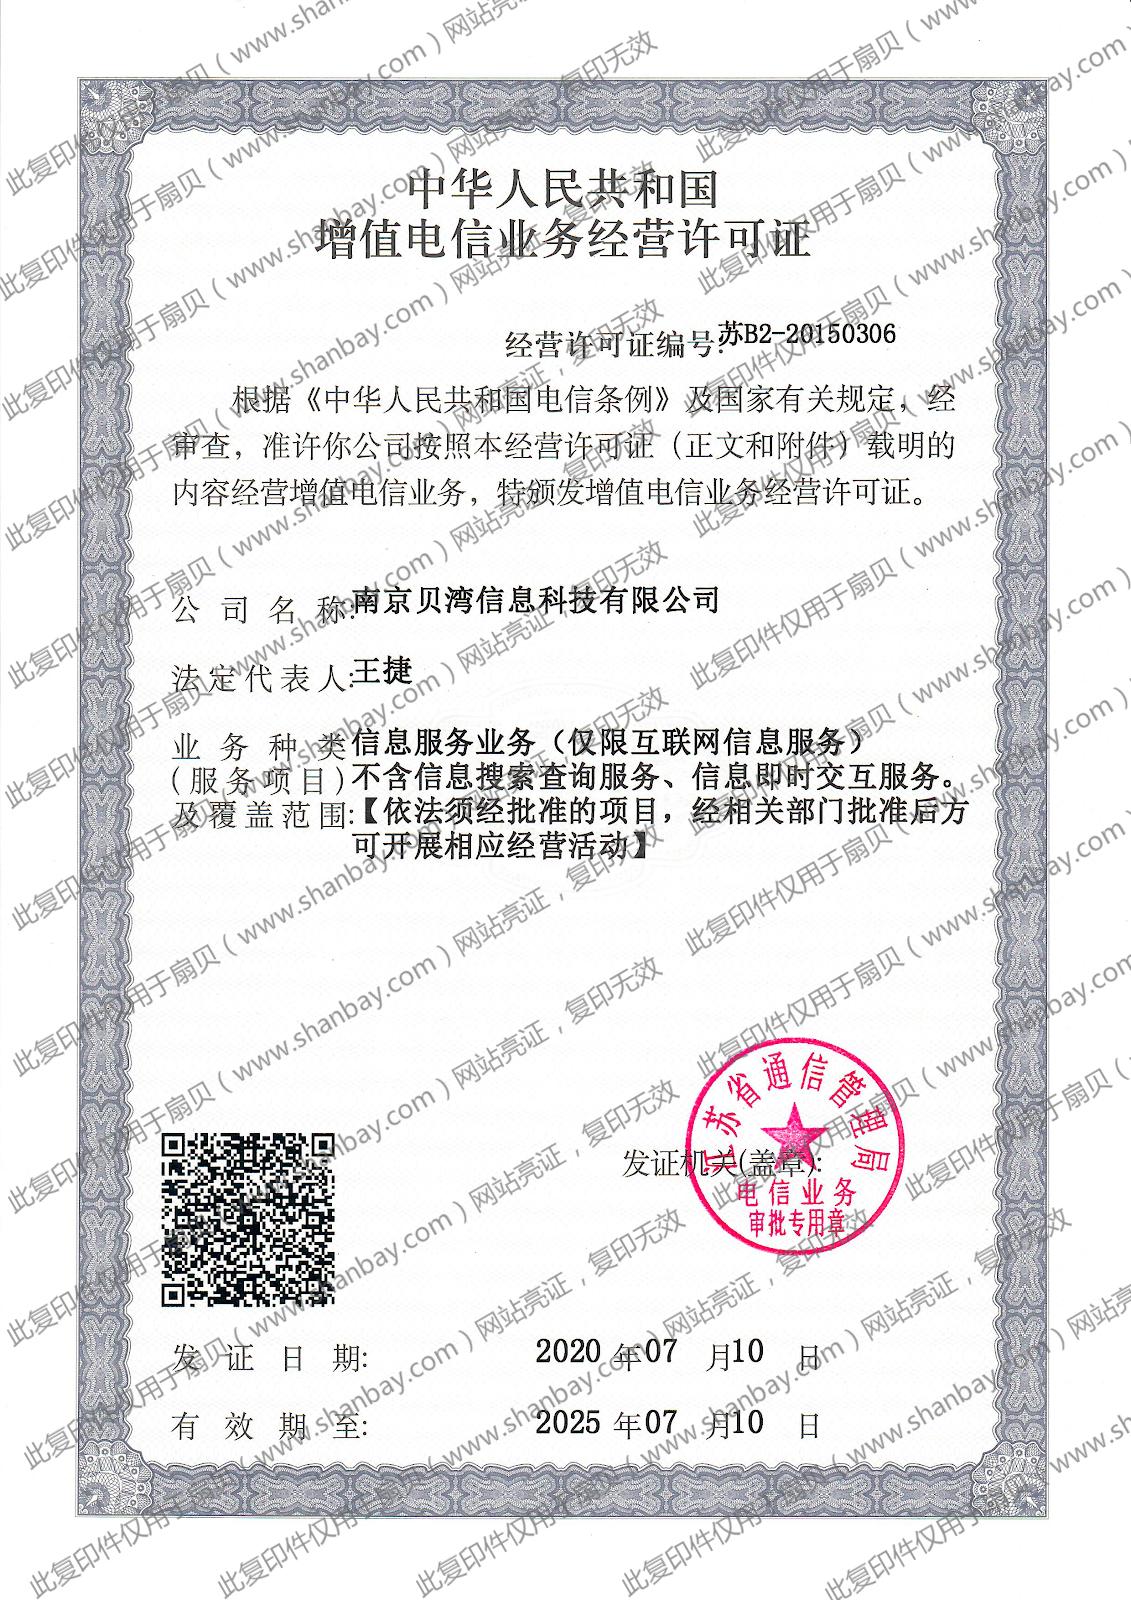 增值电信经营许可证